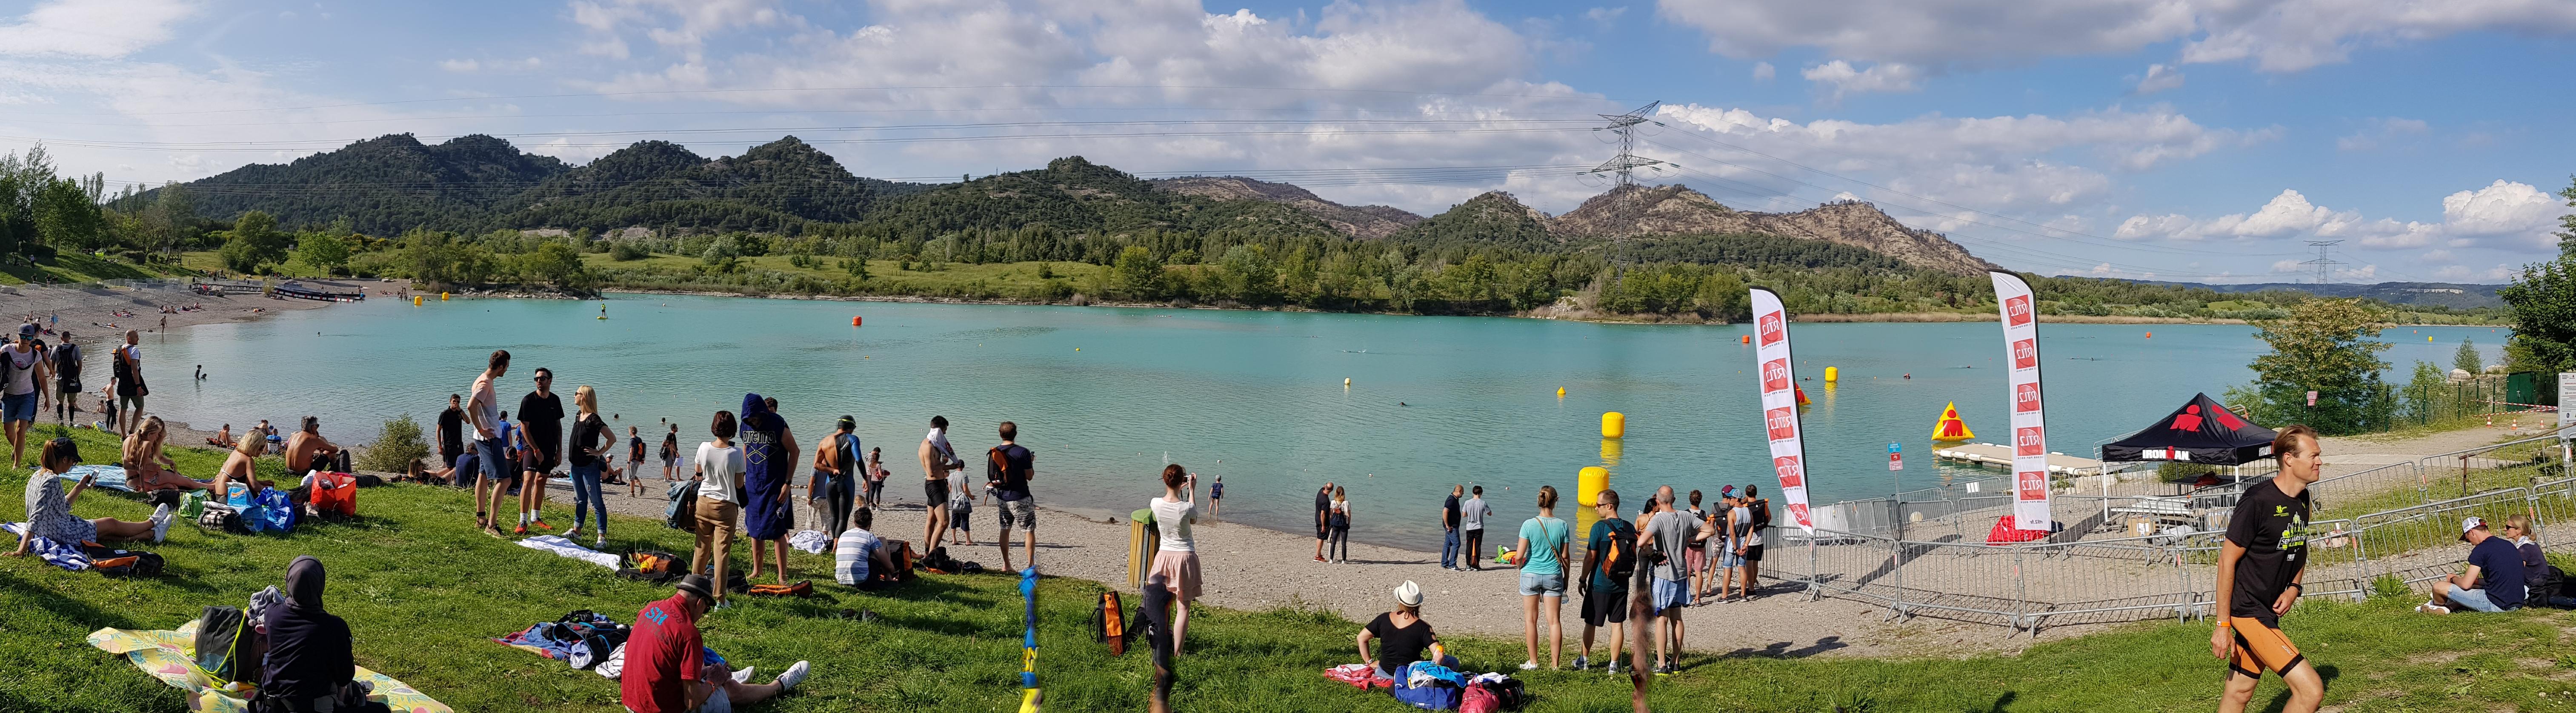 Панорама плавания в Aix Provence